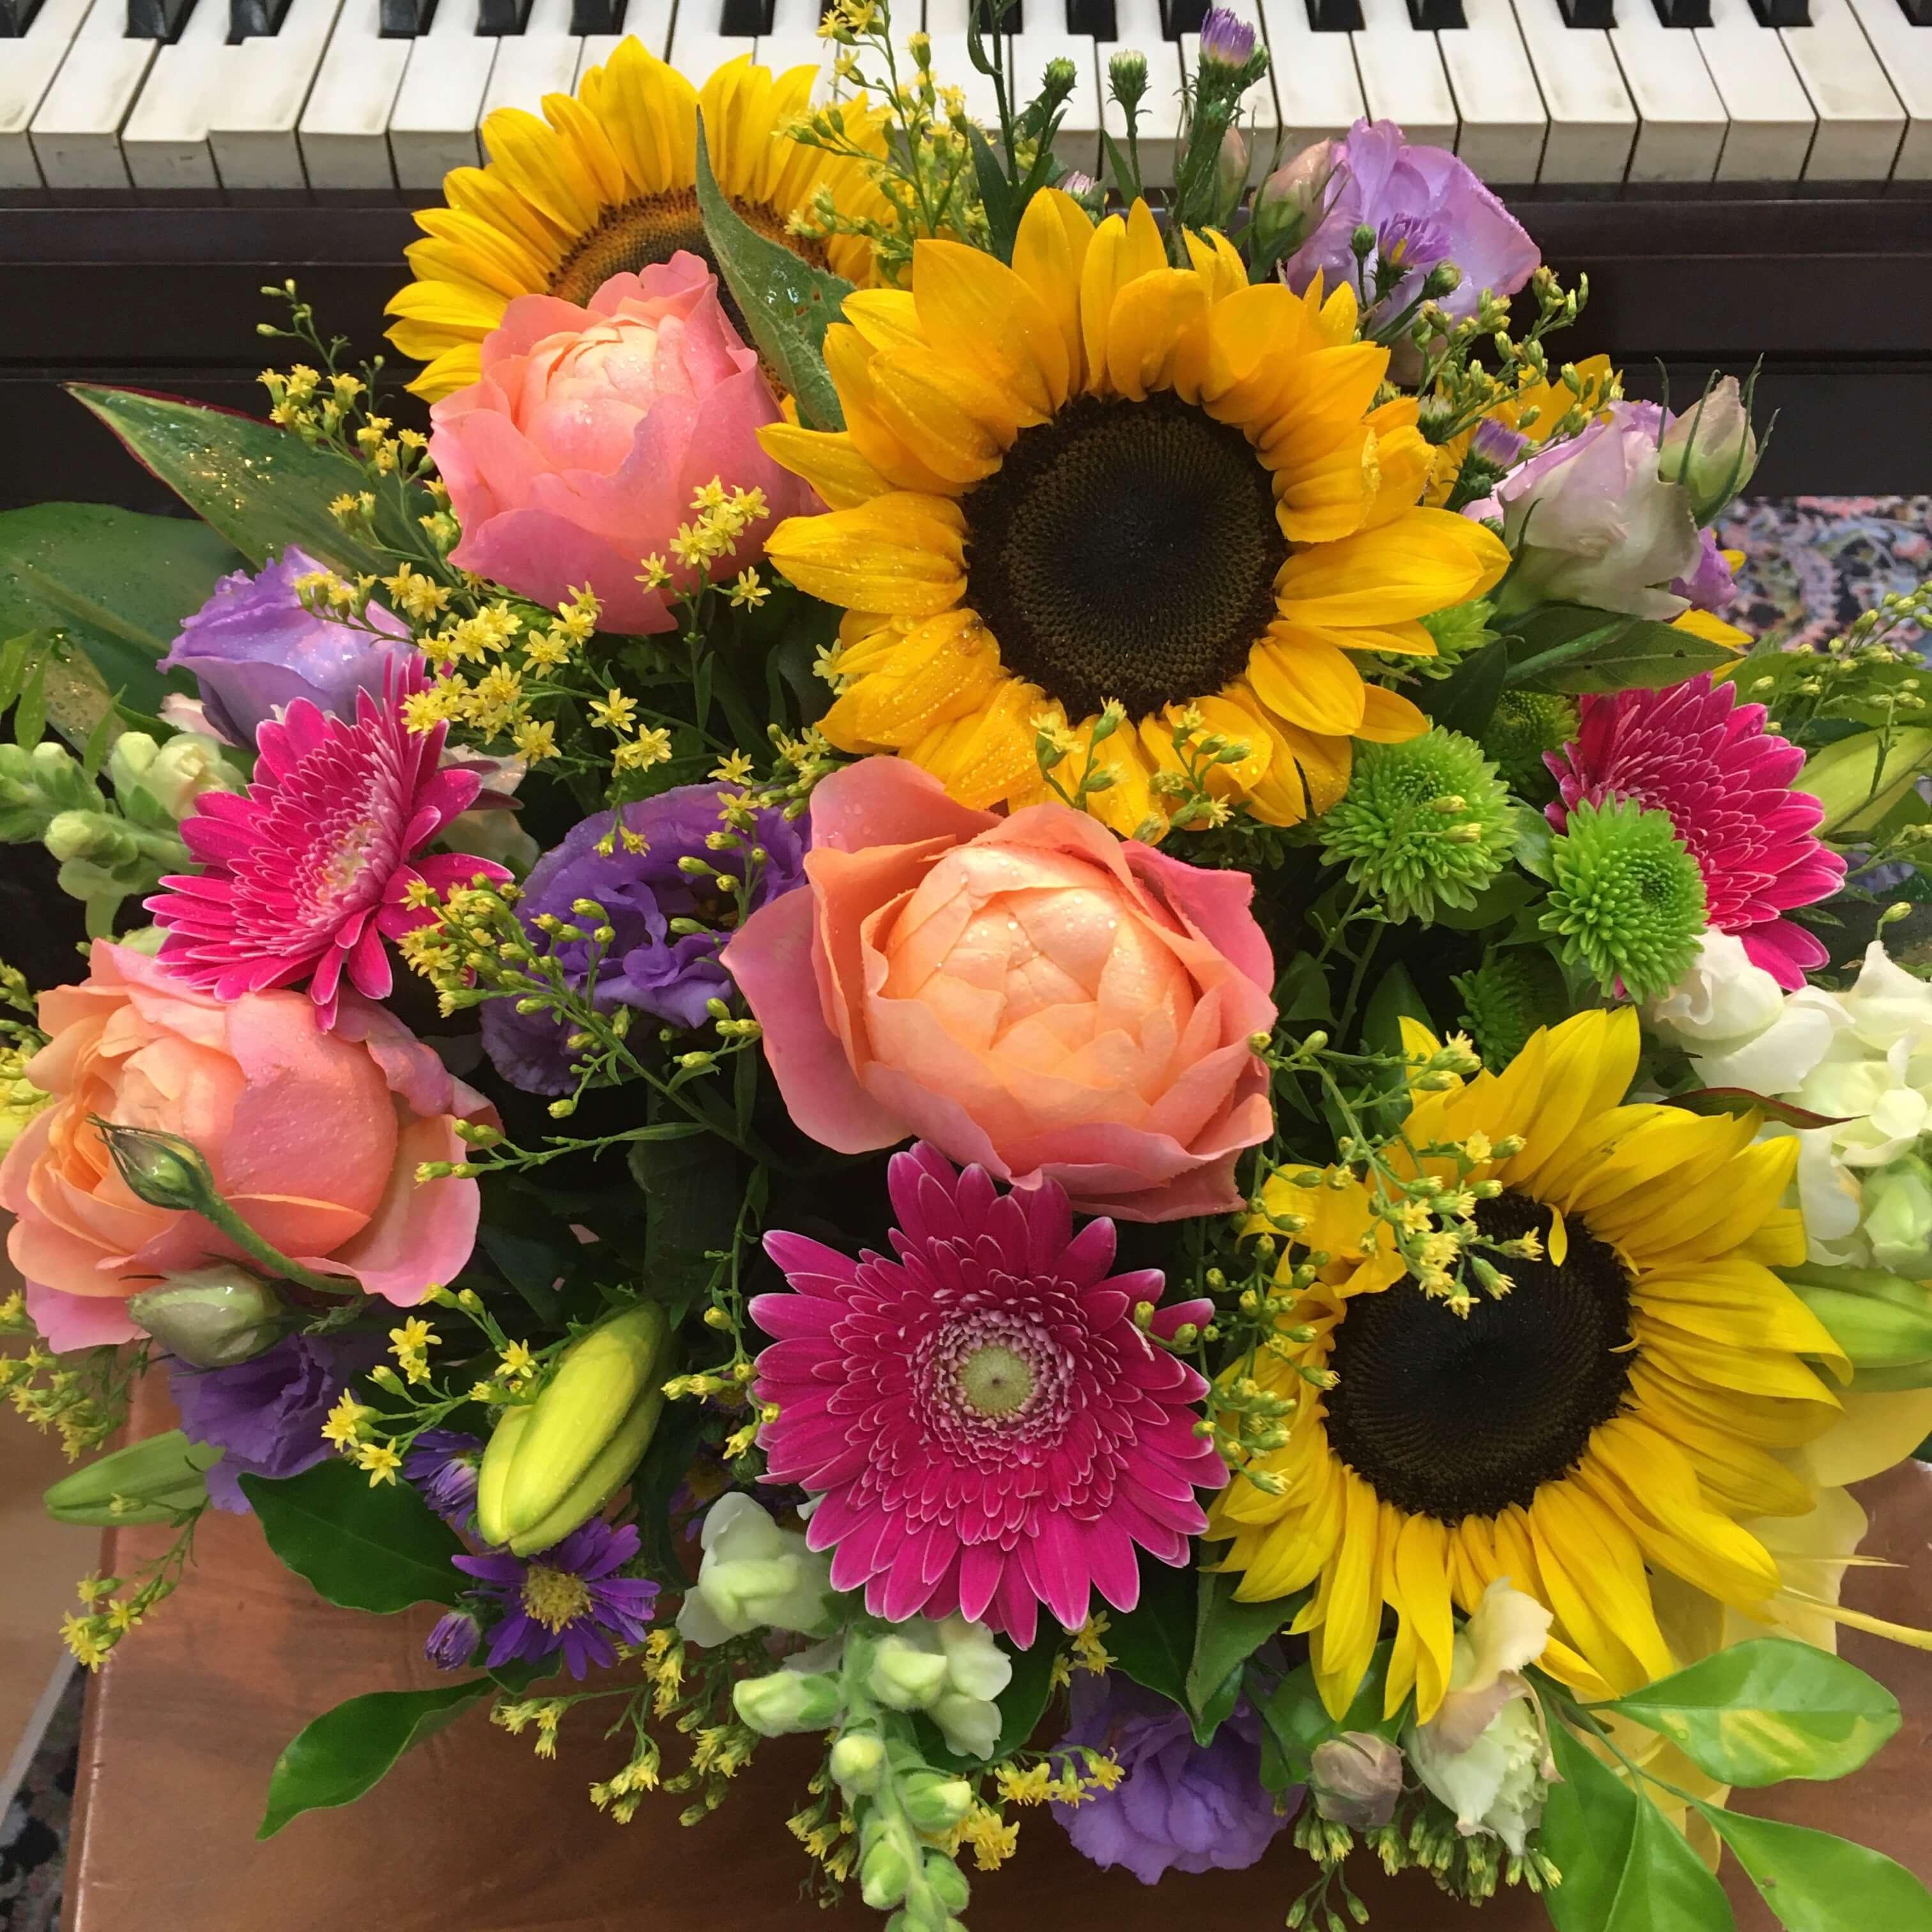 Bright Cheerful Arrangement